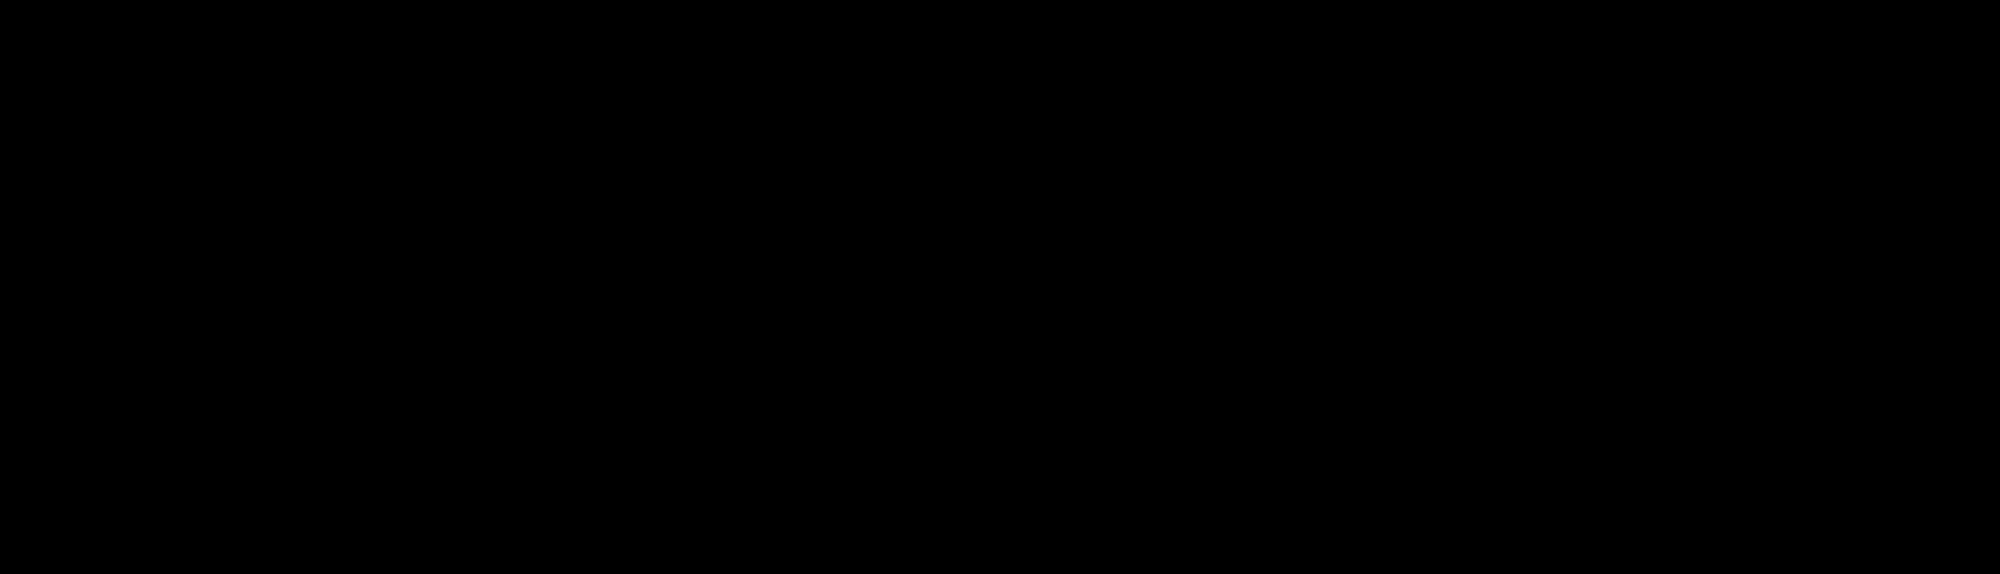 Лейбл звукозаписи — википедия с видео // wiki 2